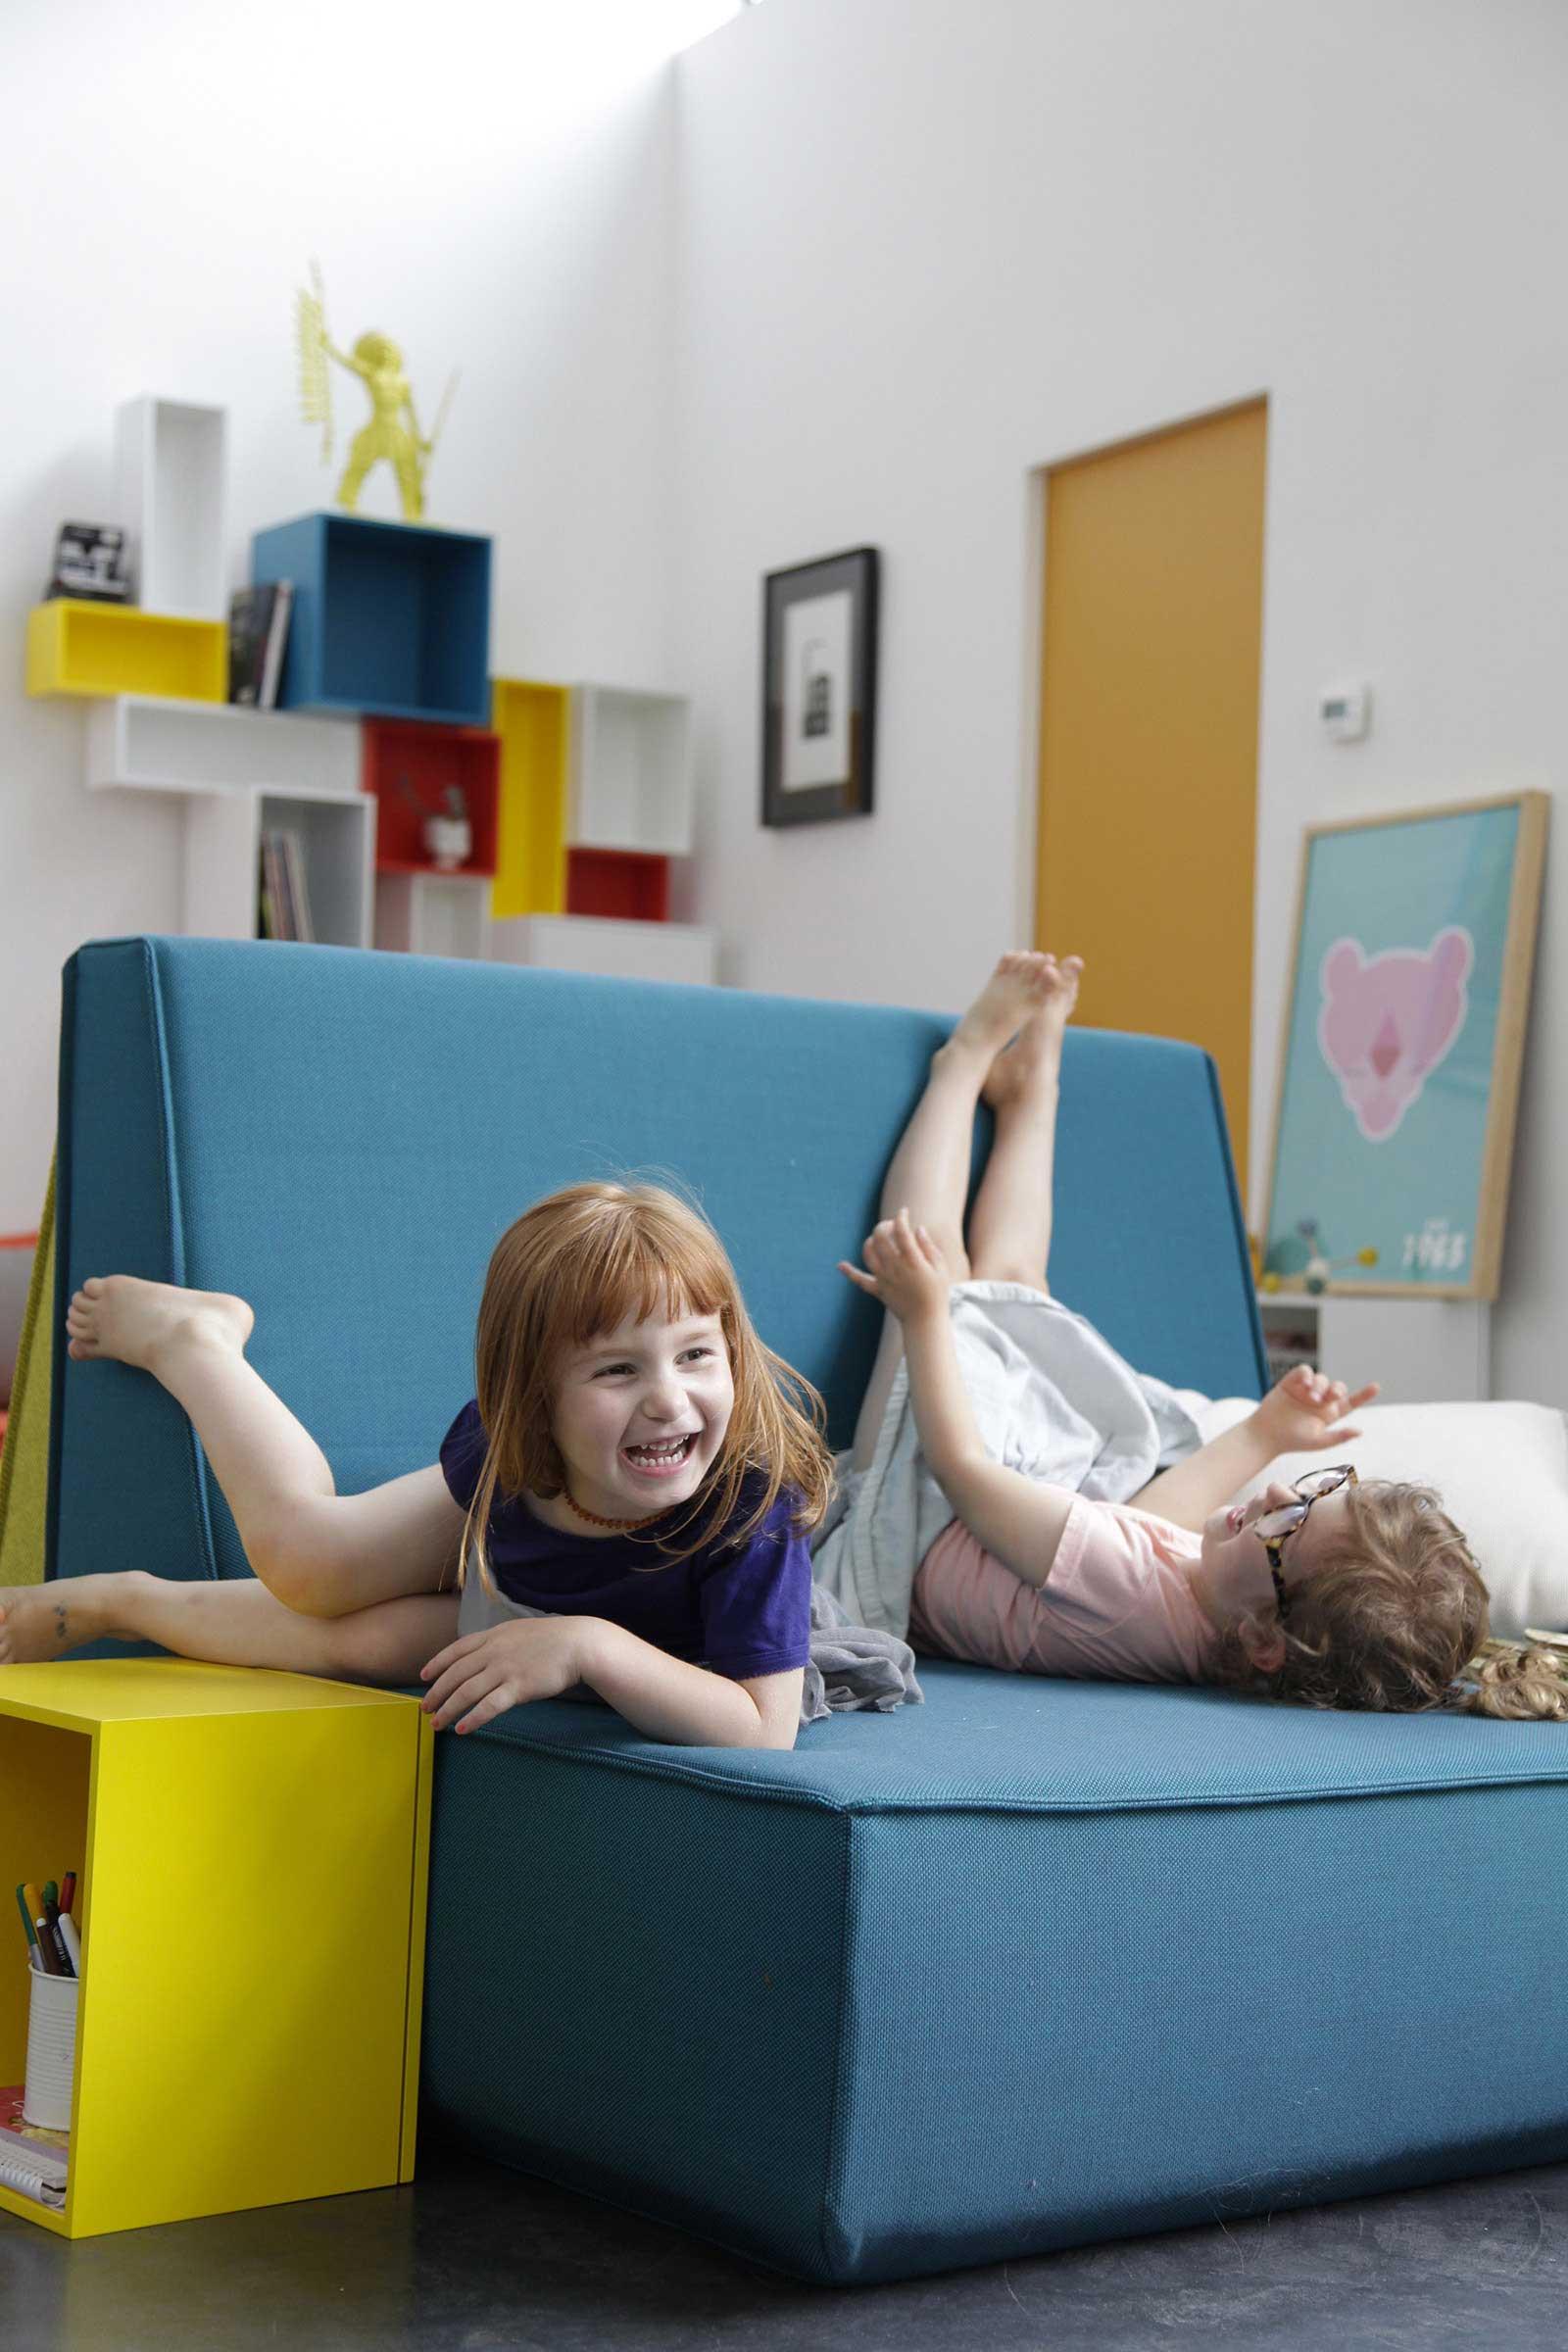 design ou acheter un canape lyon 22 lyon besiktas resume lyon part dieu. Black Bedroom Furniture Sets. Home Design Ideas